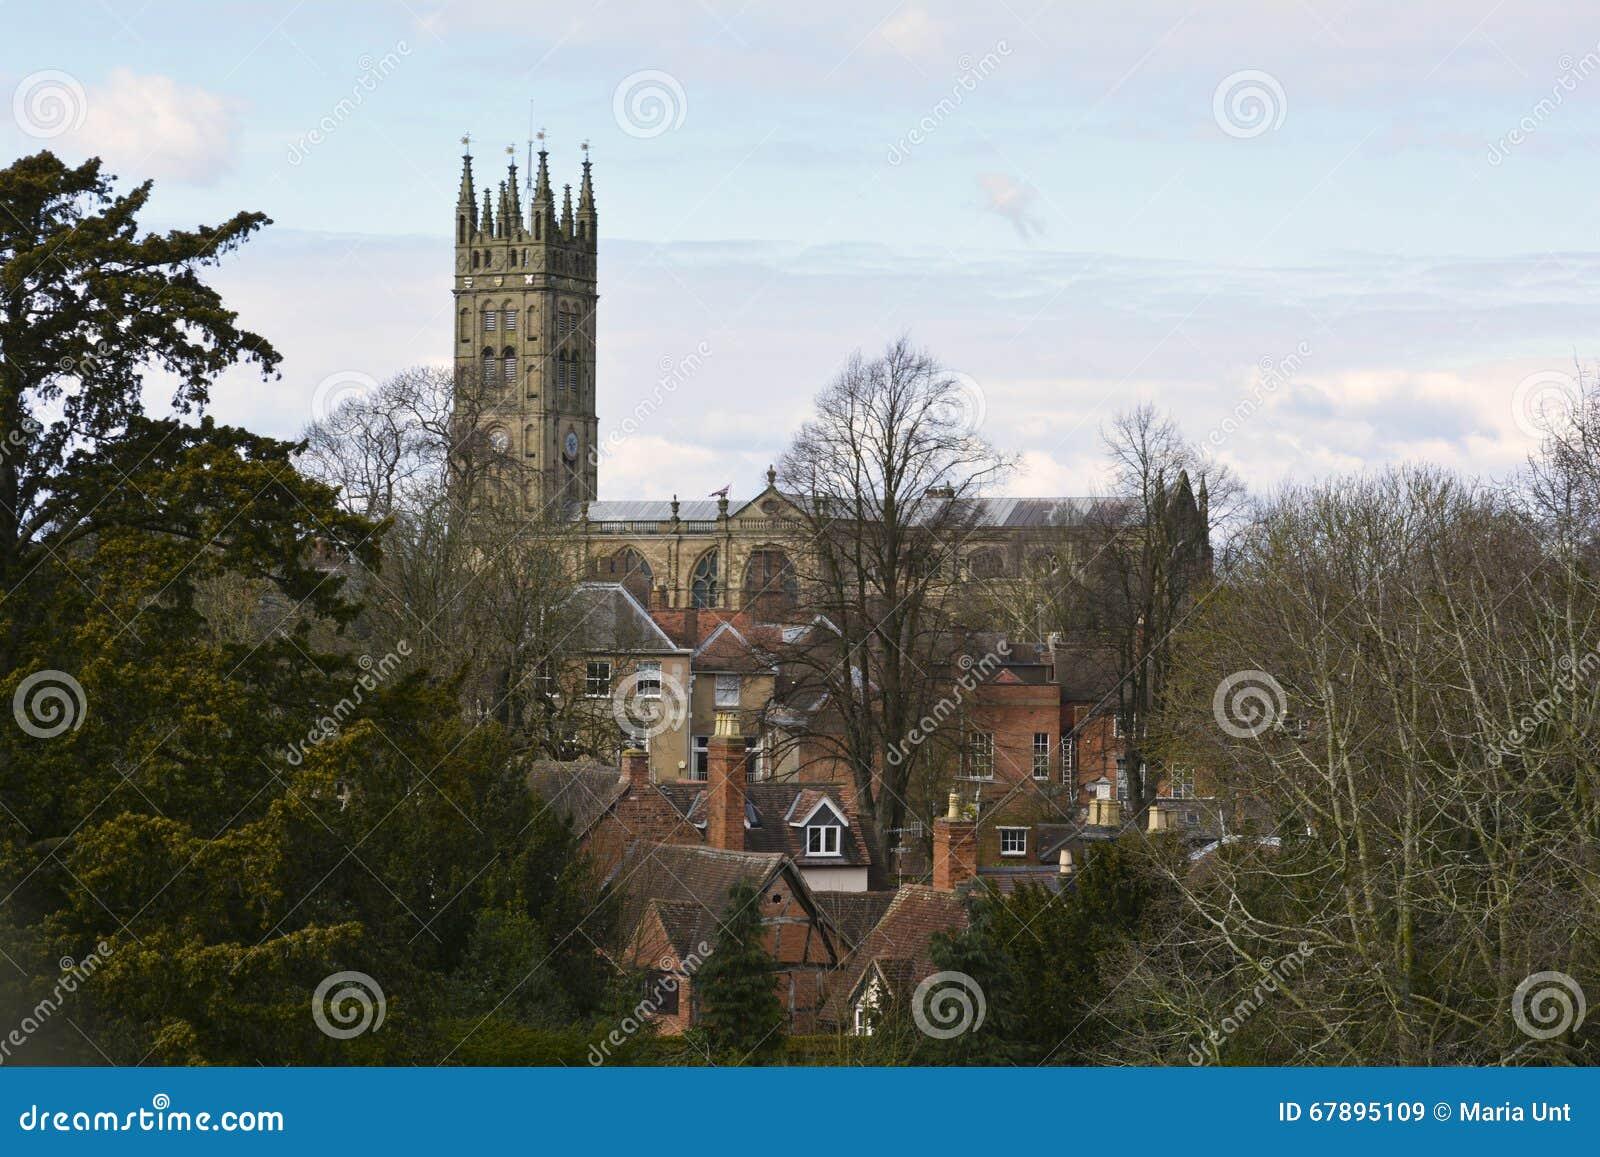 Ansicht an der mittelalterlichen Kathedrale und an der alten Stadt von Warwick, England, Vereinigtes Königreich